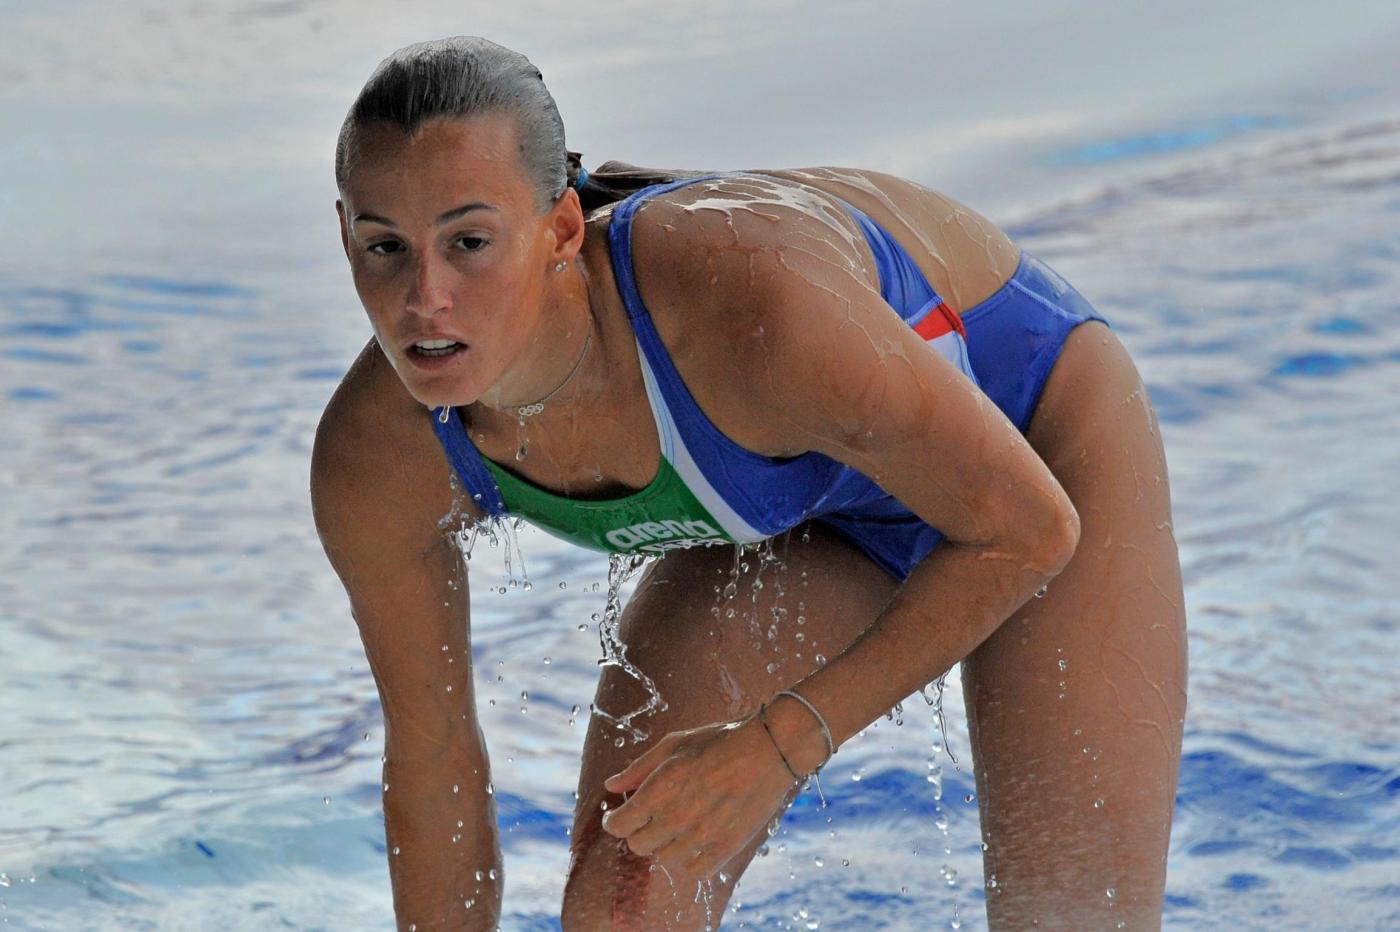 Mondiali 2015, Tania Cragnotto brilla anche dai tre metri e raggiunge la finale. La dura sfida con le cinesi